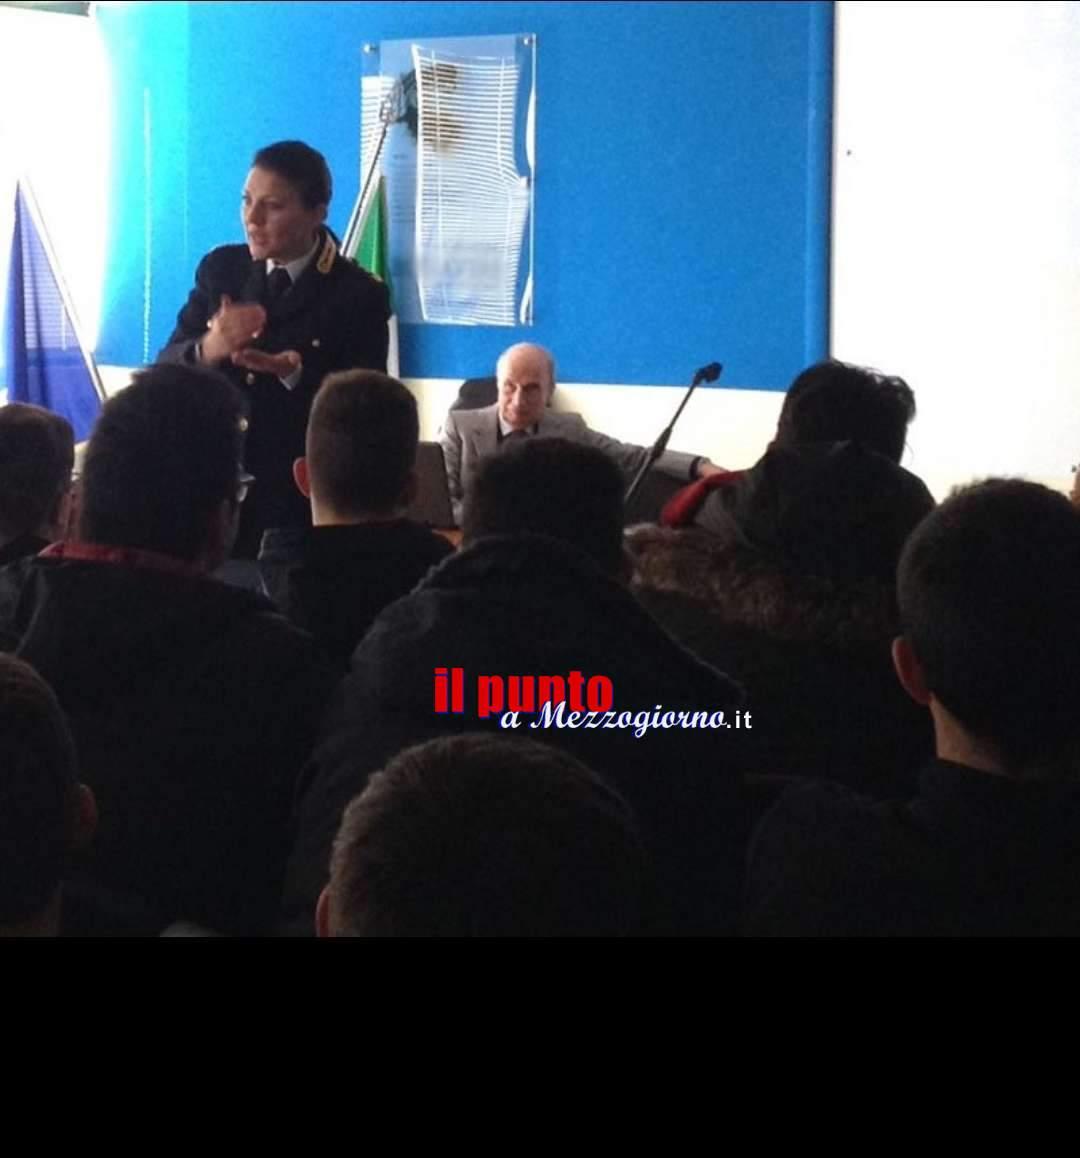 Polizia di Stato con docenti e  studenti  per prevenire bullismo e cyberbullismo